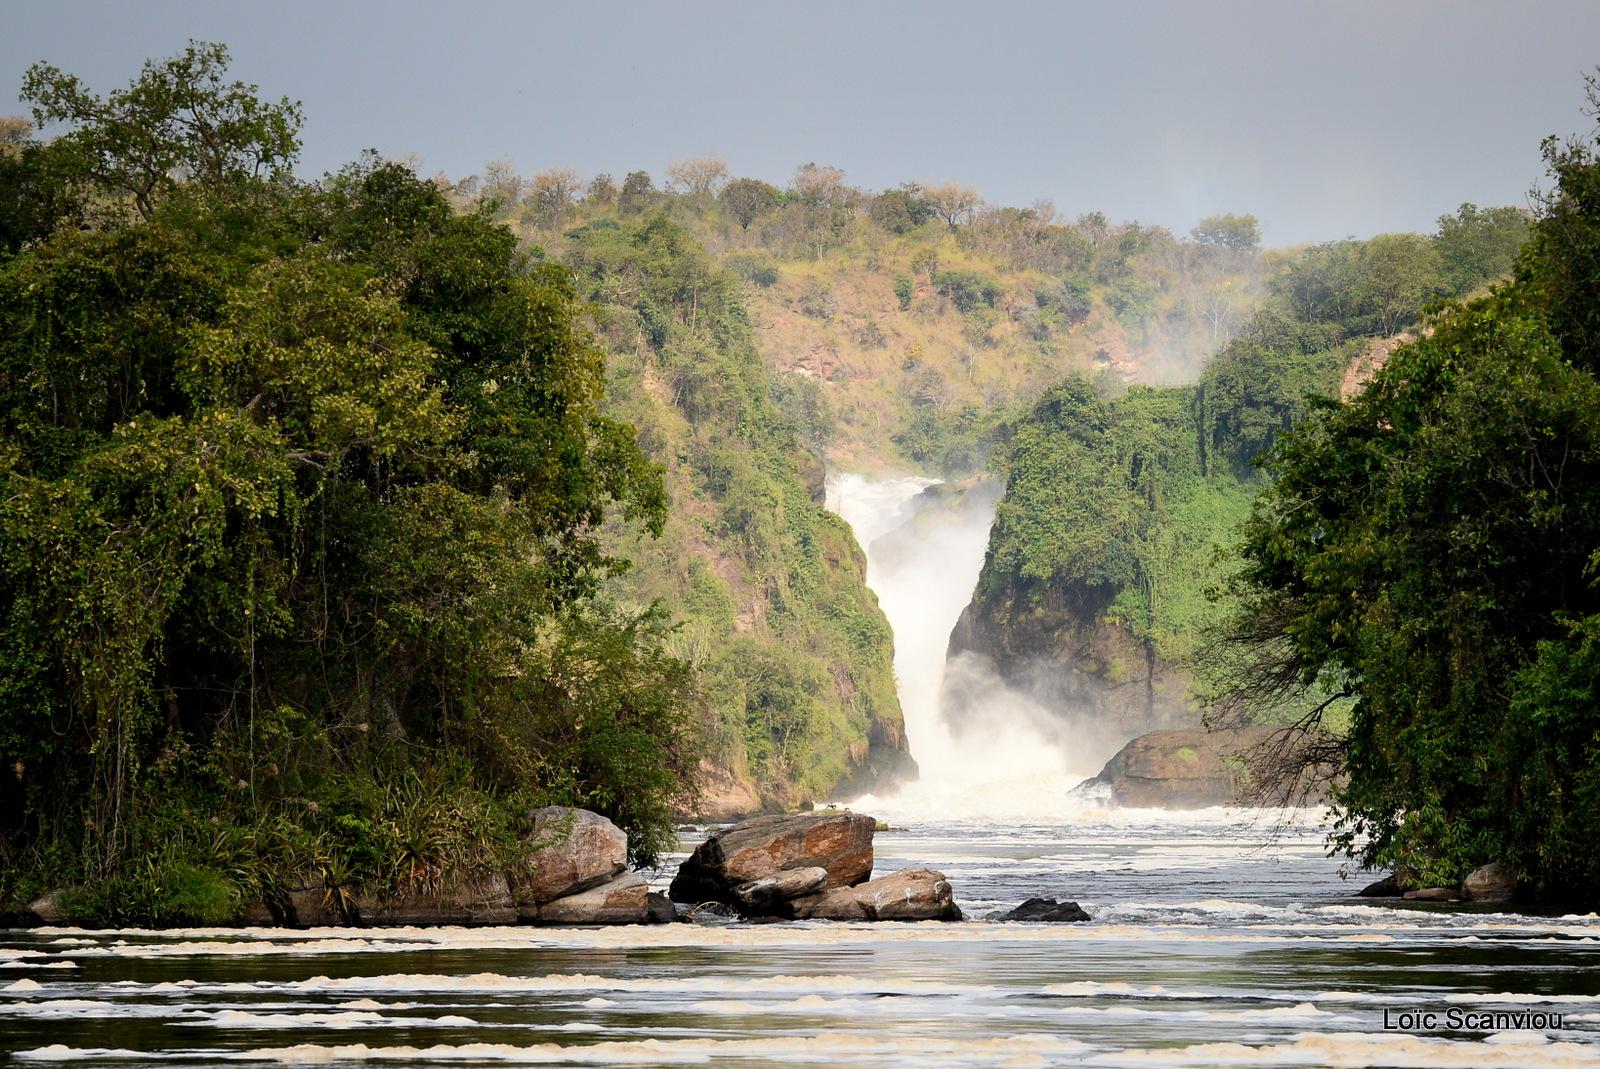 Les chutes de Murchison/Murchison Falls (10)